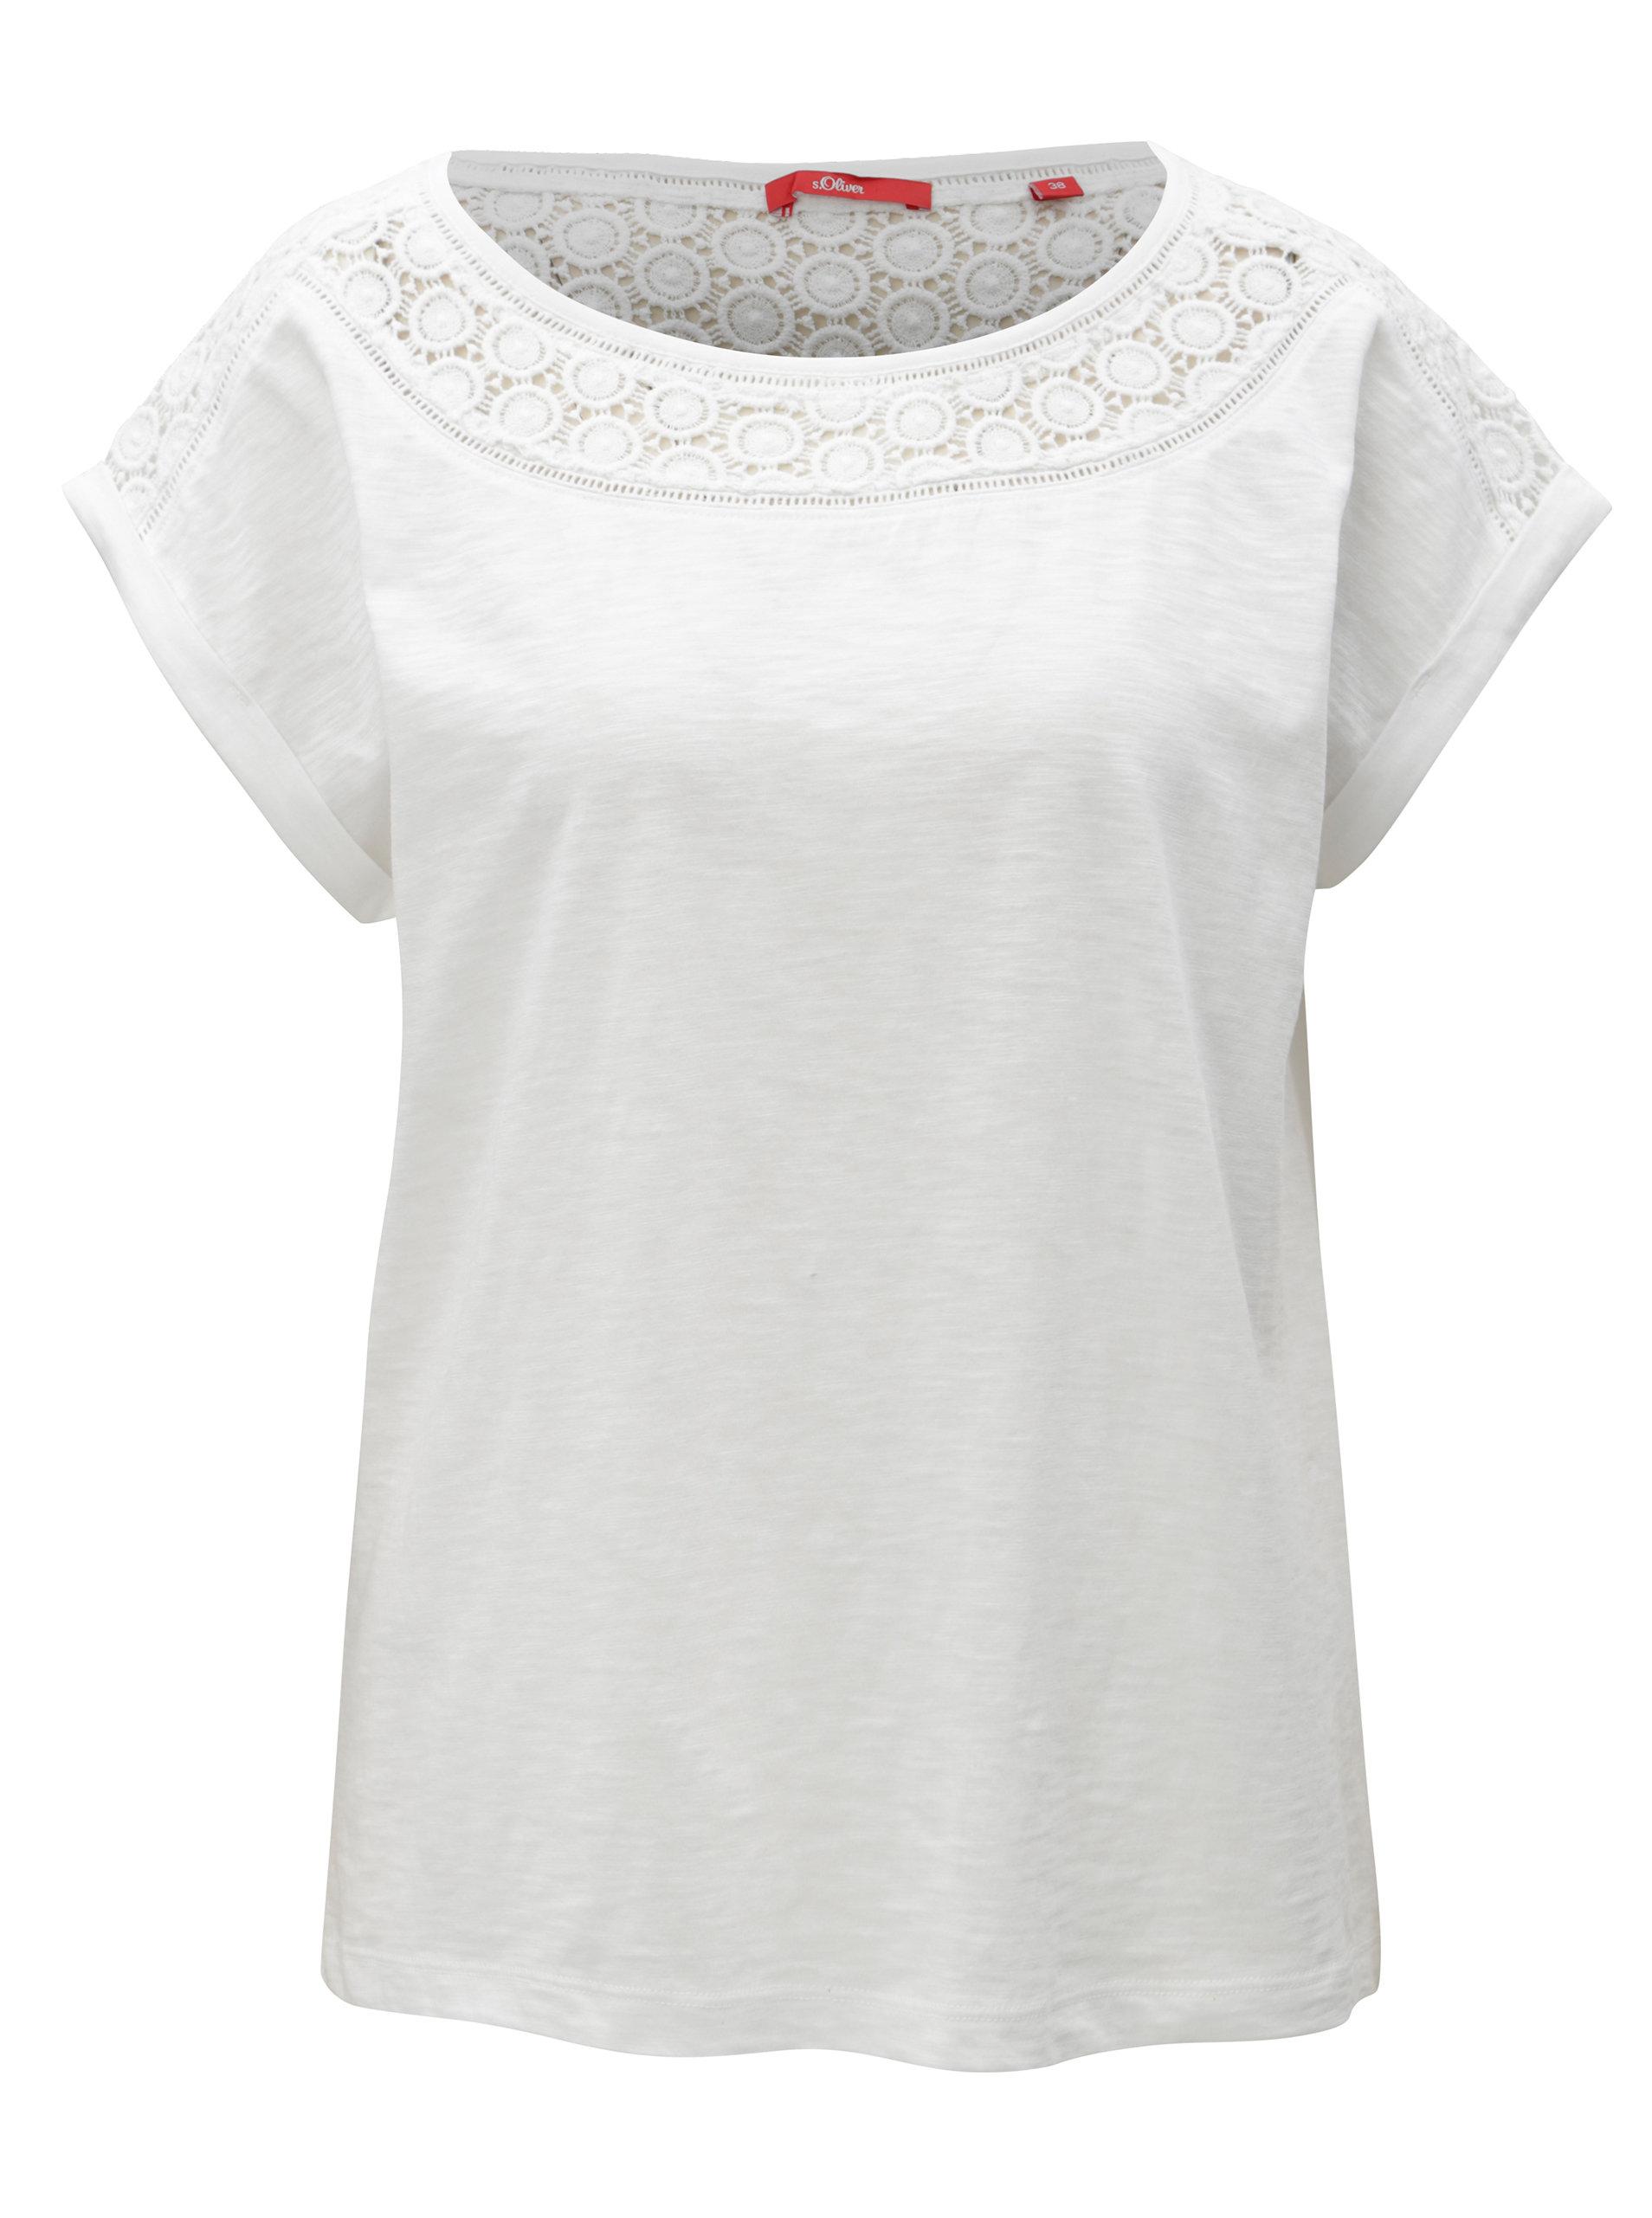 Biele dámske tričko s čipkou s.Oliver  44414c86d76